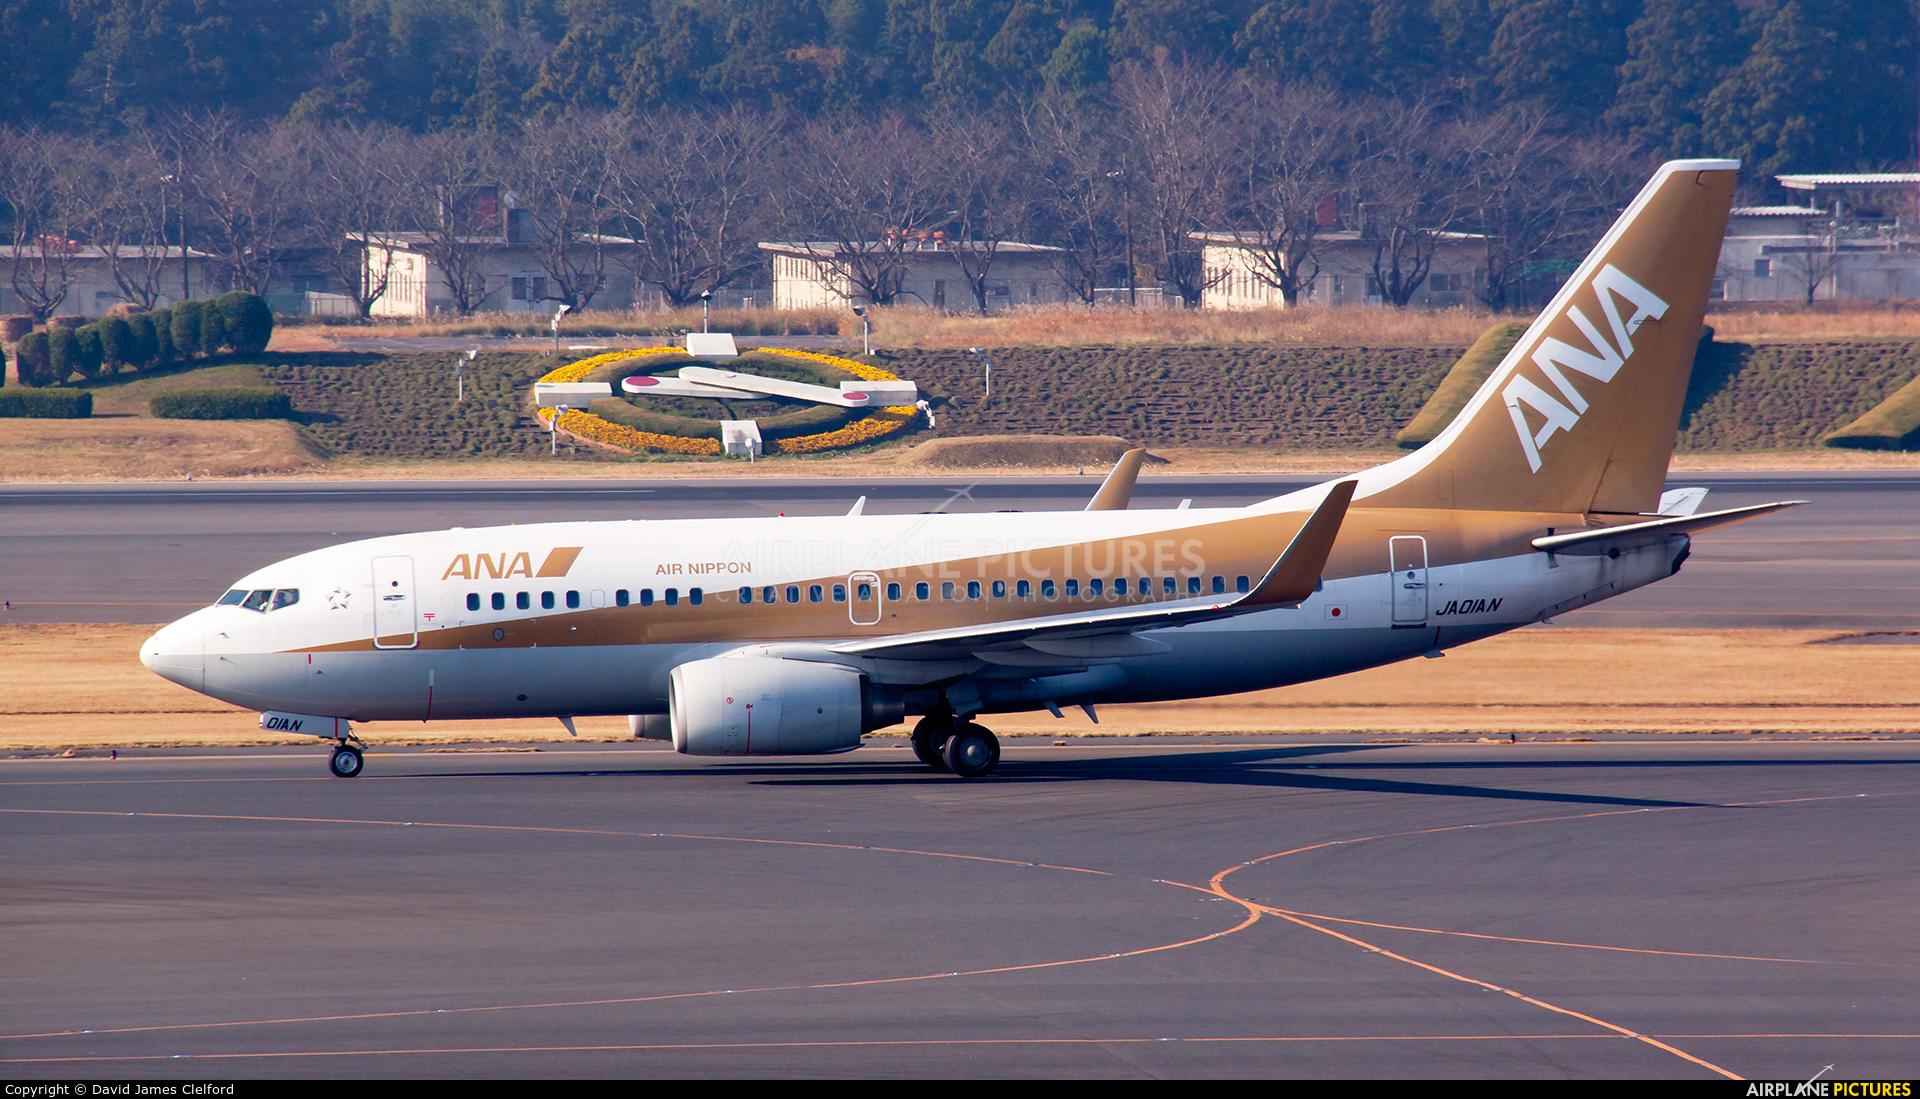 ANA - All Nippon Airways JA01AN aircraft at Tokyo - Narita Intl